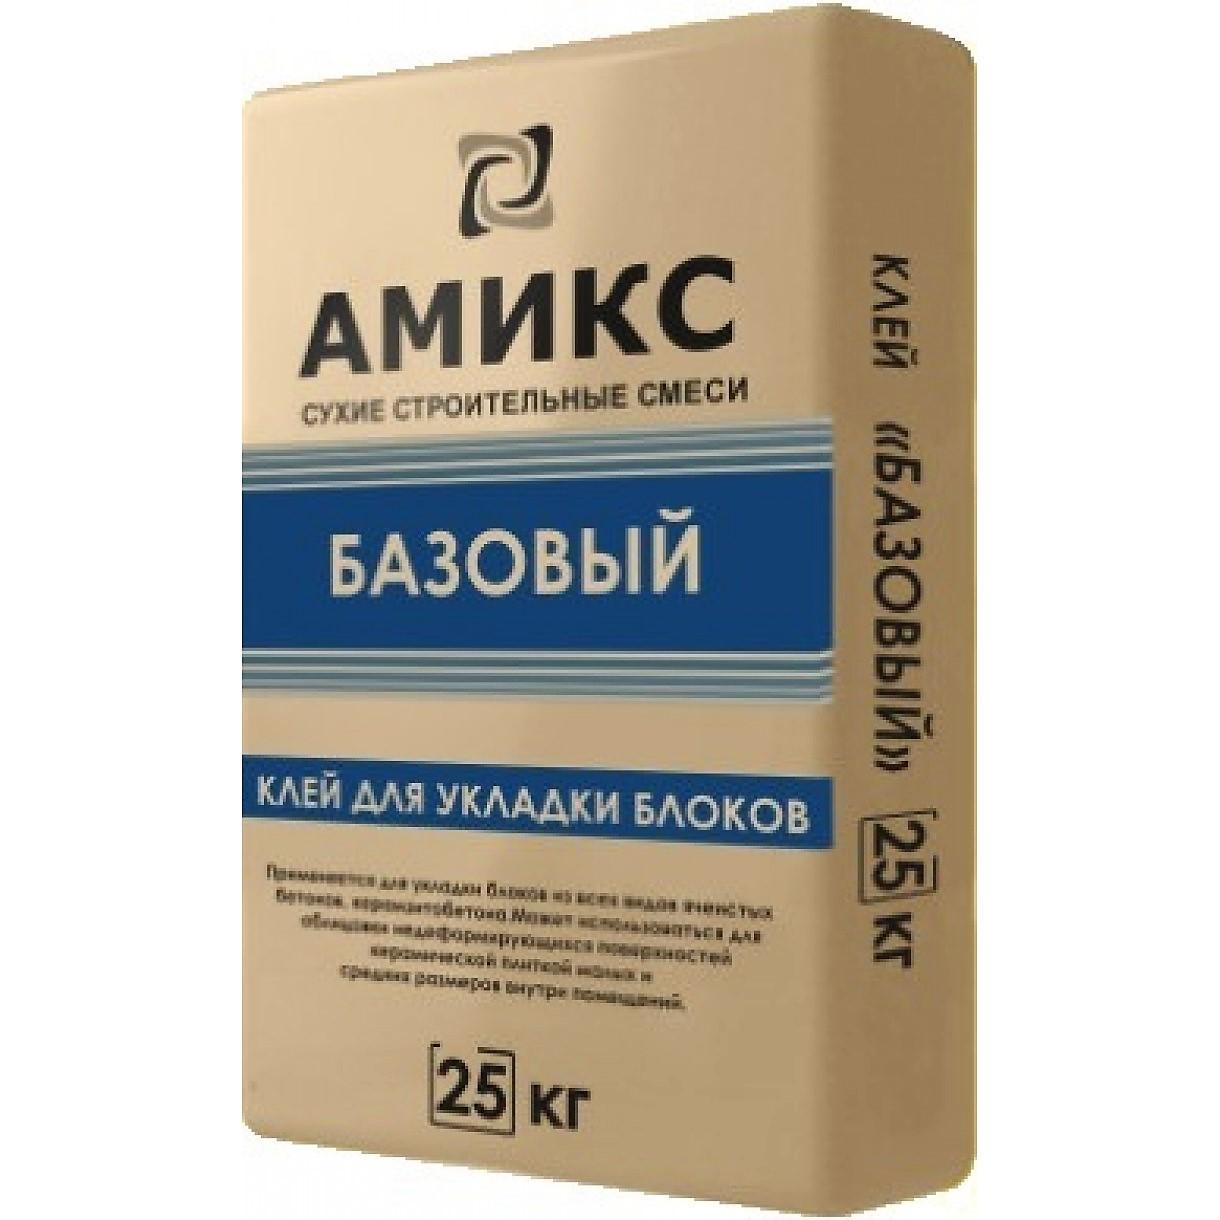 Клей плиточный АМИКС базовый 25кг (ЗИМА) - фото